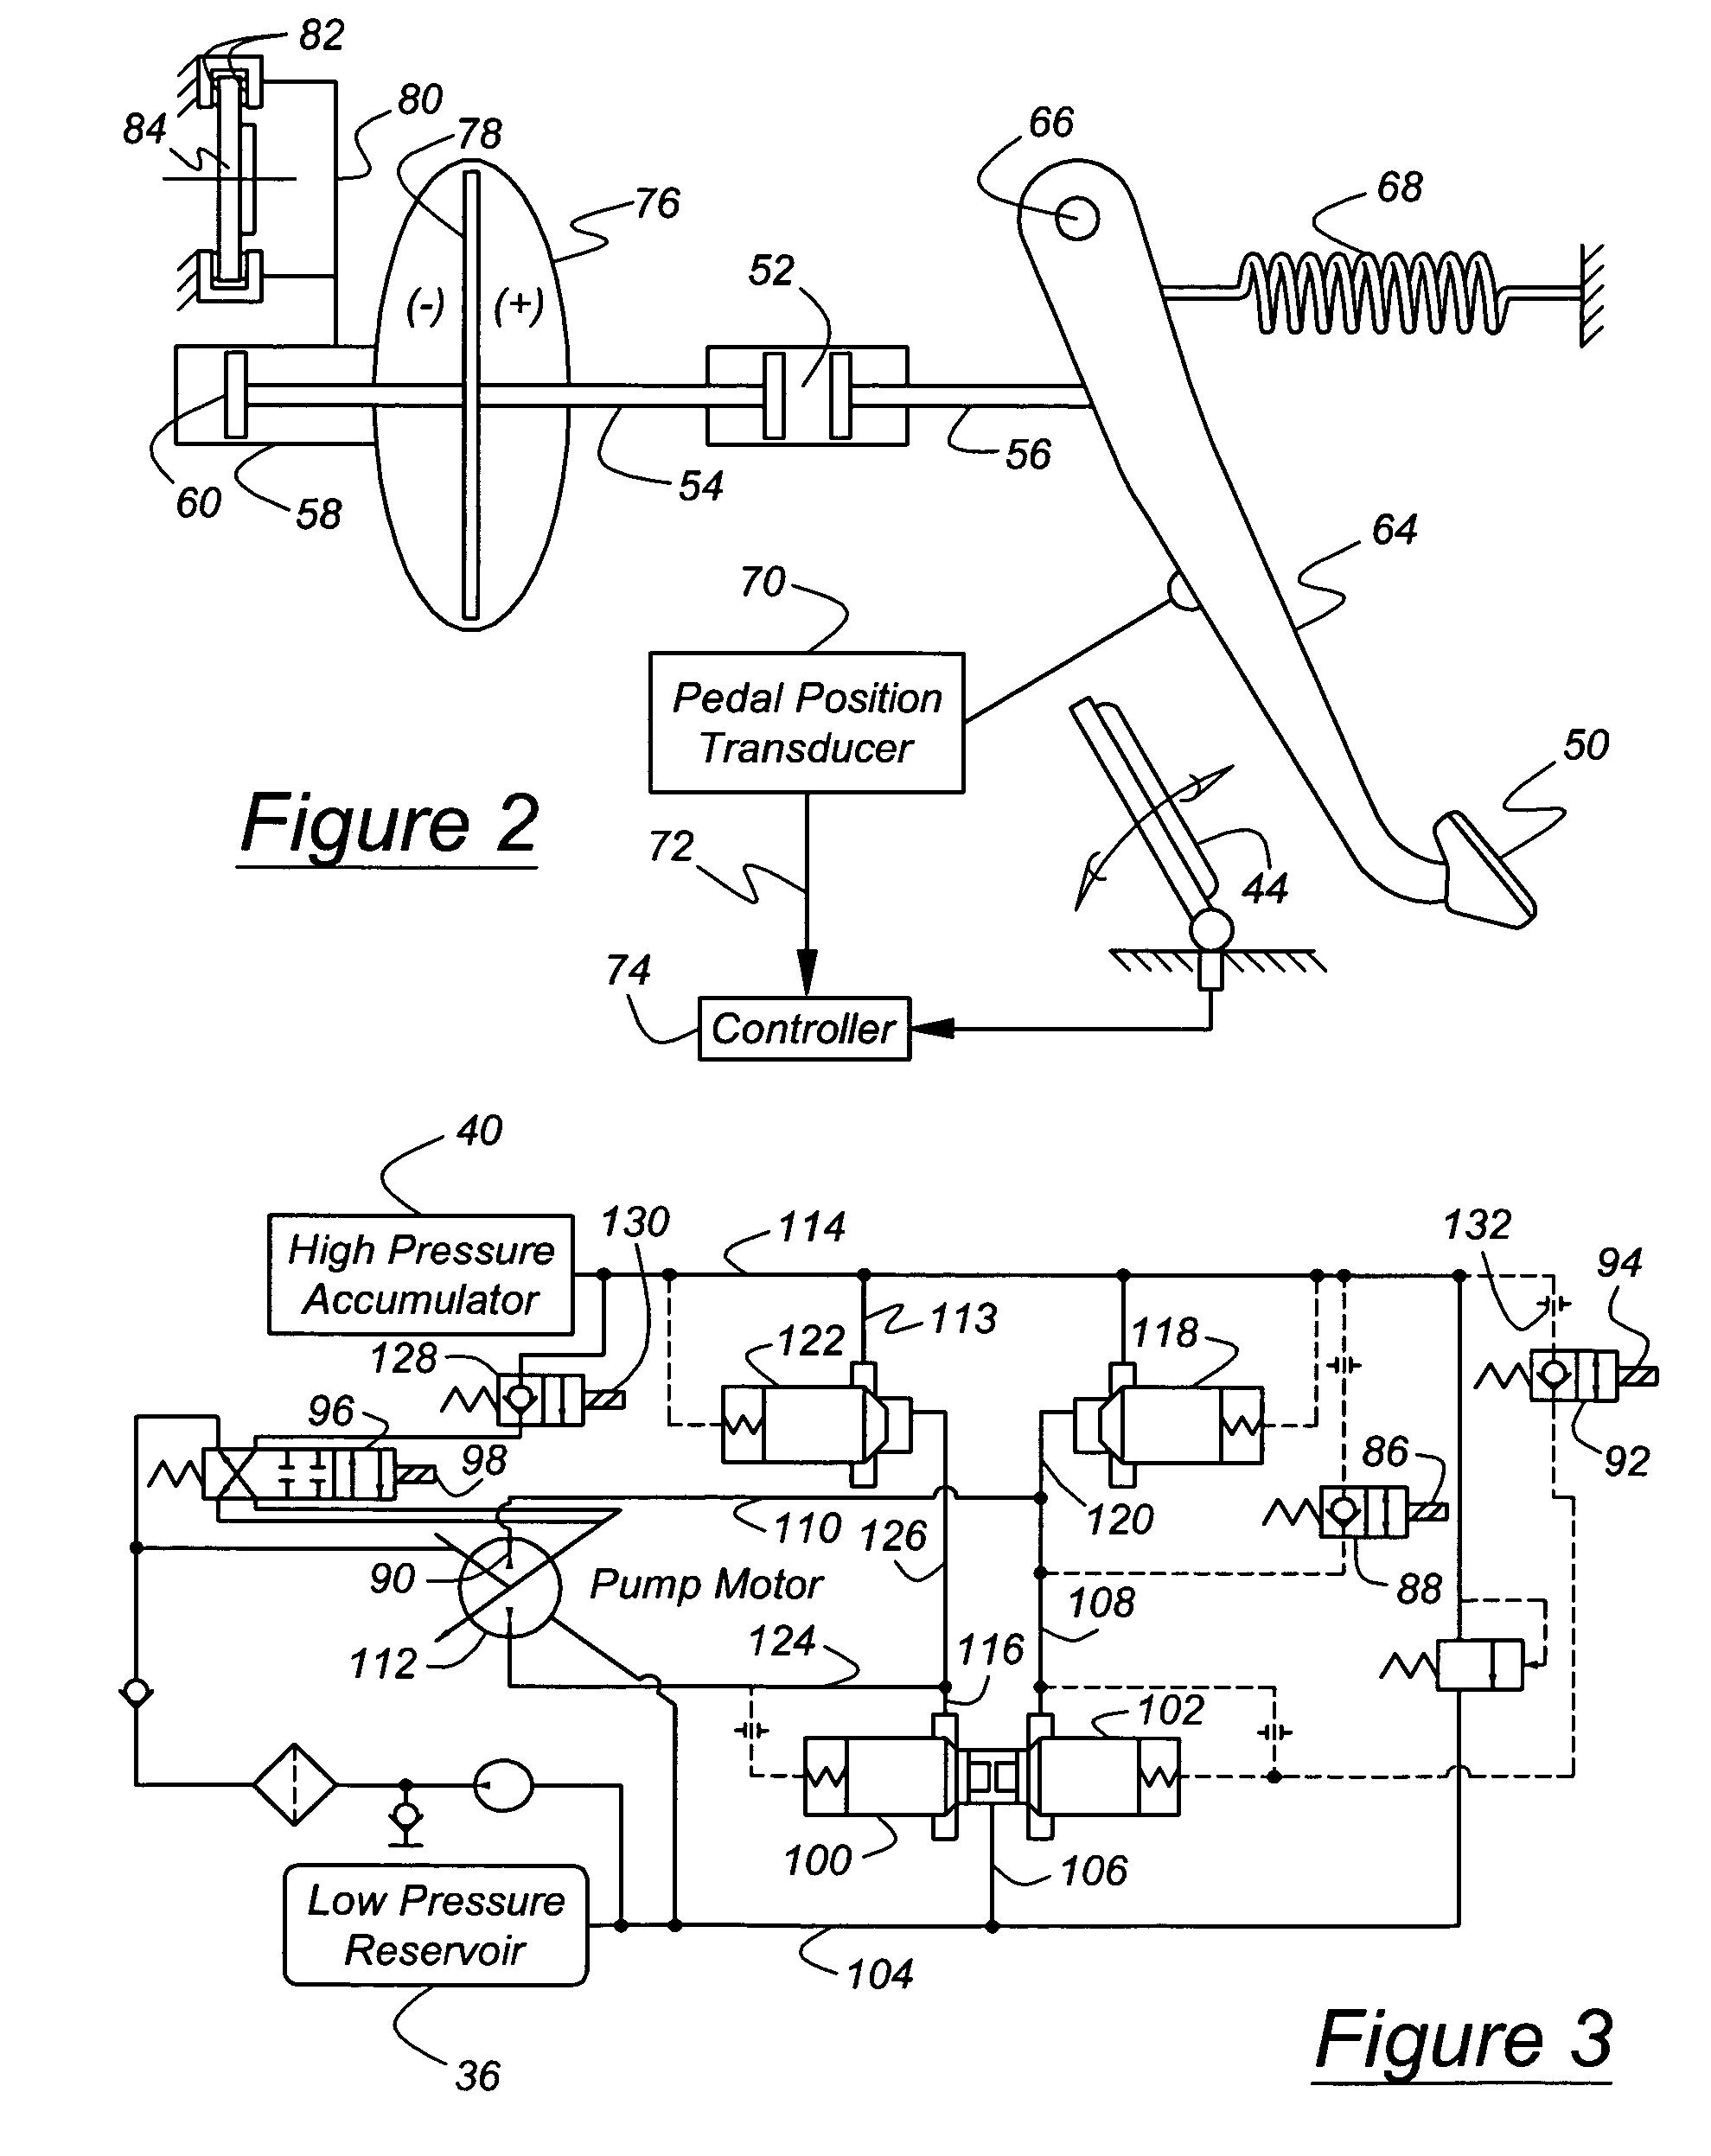 dayton pump wiring diagram  dayton  get free image about wiring diagram dayton split phase motor wiring diagram dayton wiring diagram instructions